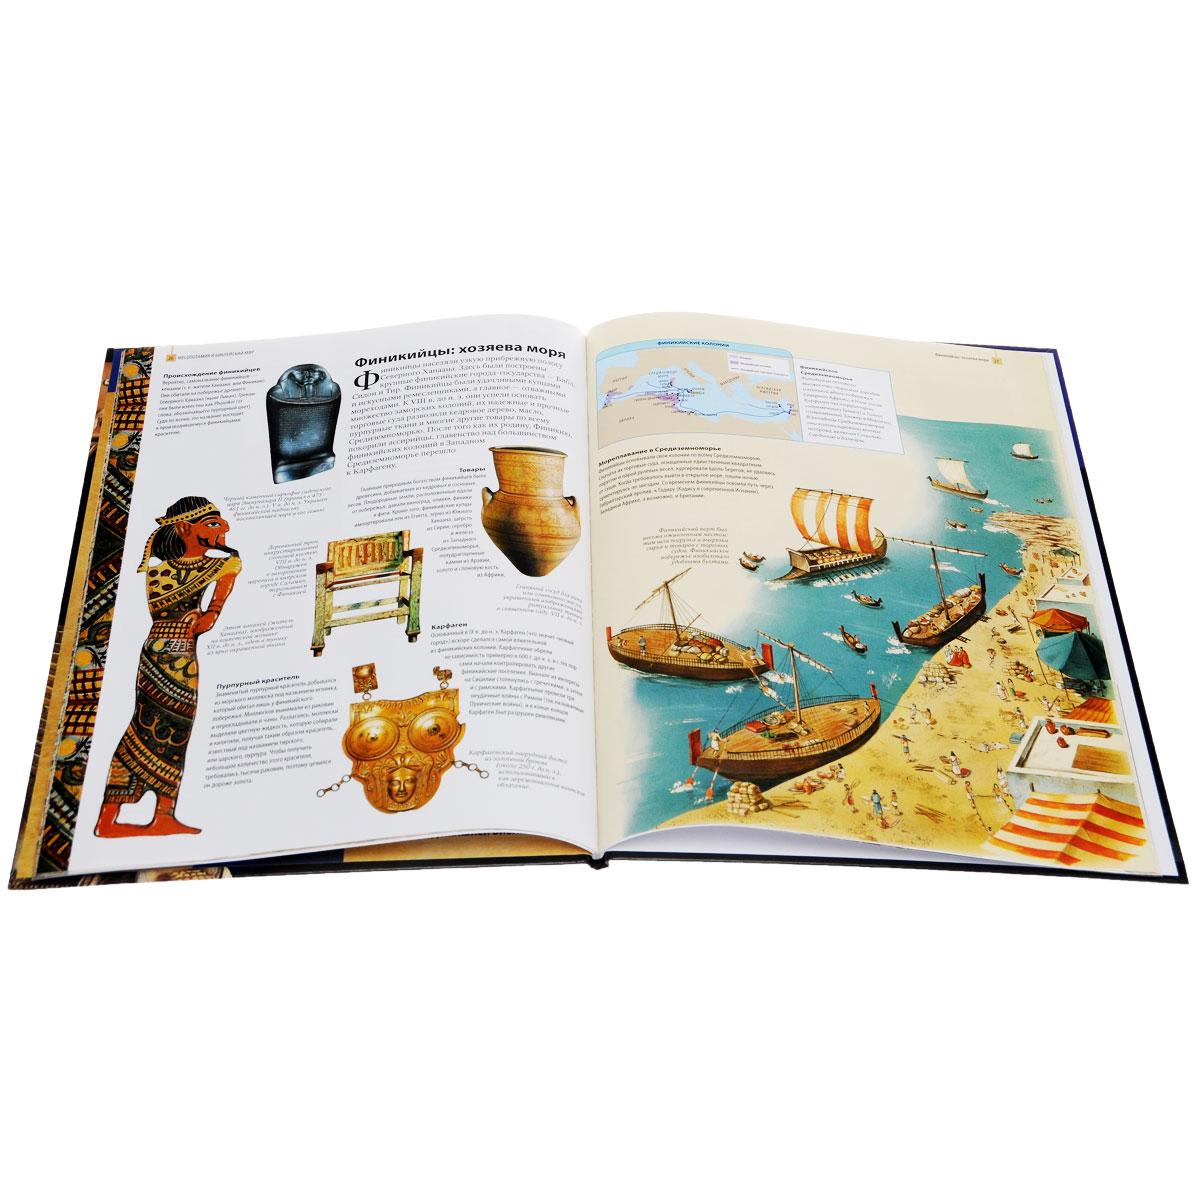 Месопотамия и Библейский мир, Нил Моррис